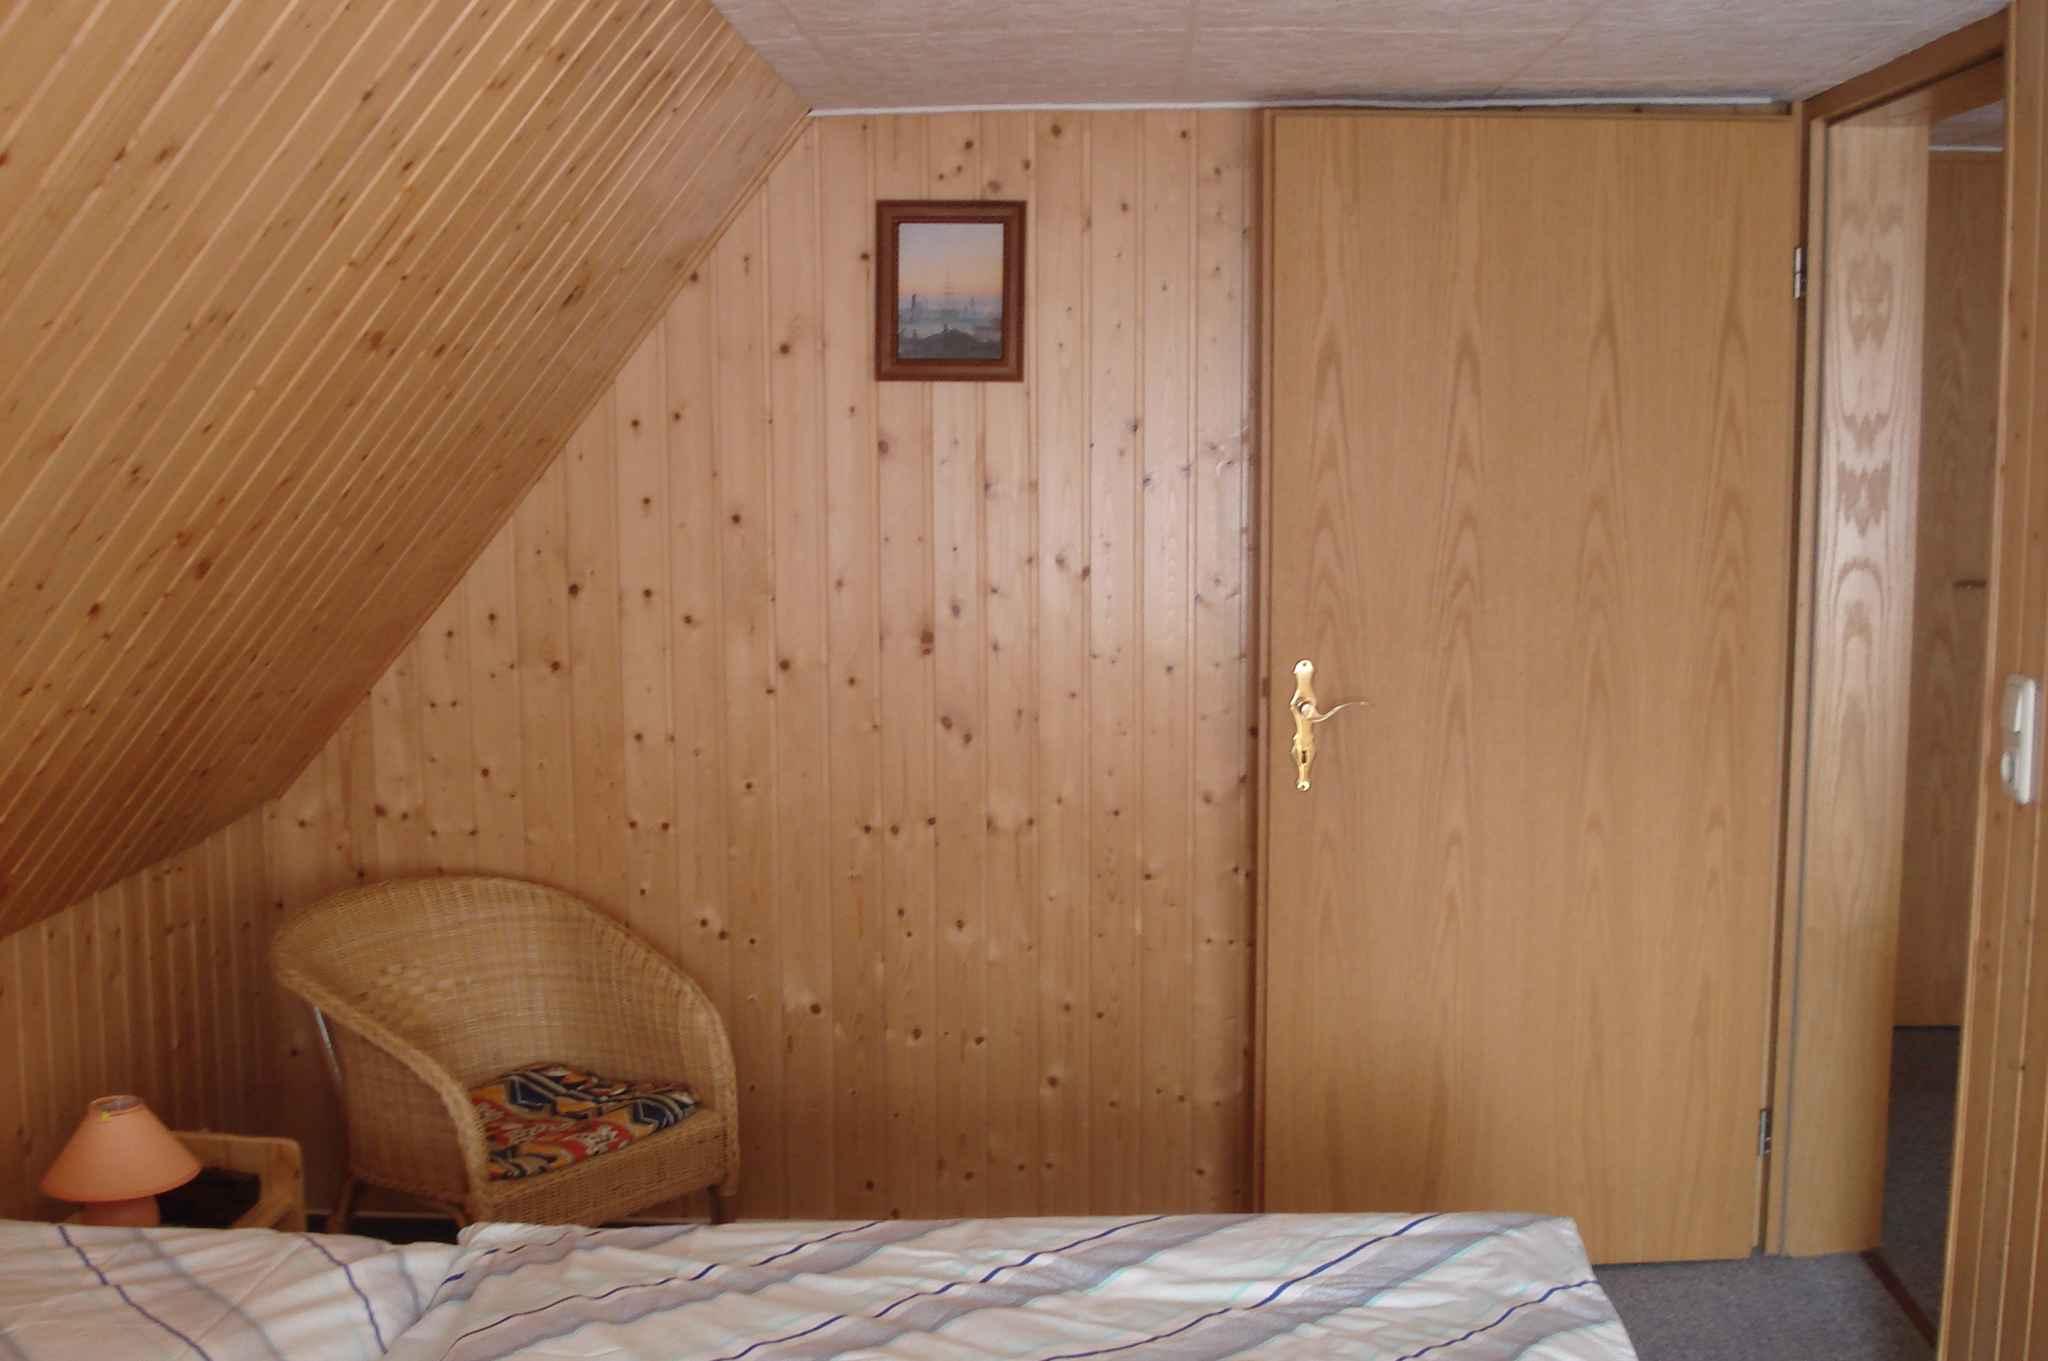 Ferienwohnung unter Schilfdach, nur 100 m zum Ostseestrand (315119), Neuendorf, Hiddensee, Mecklenburg-Vorpommern, Deutschland, Bild 8